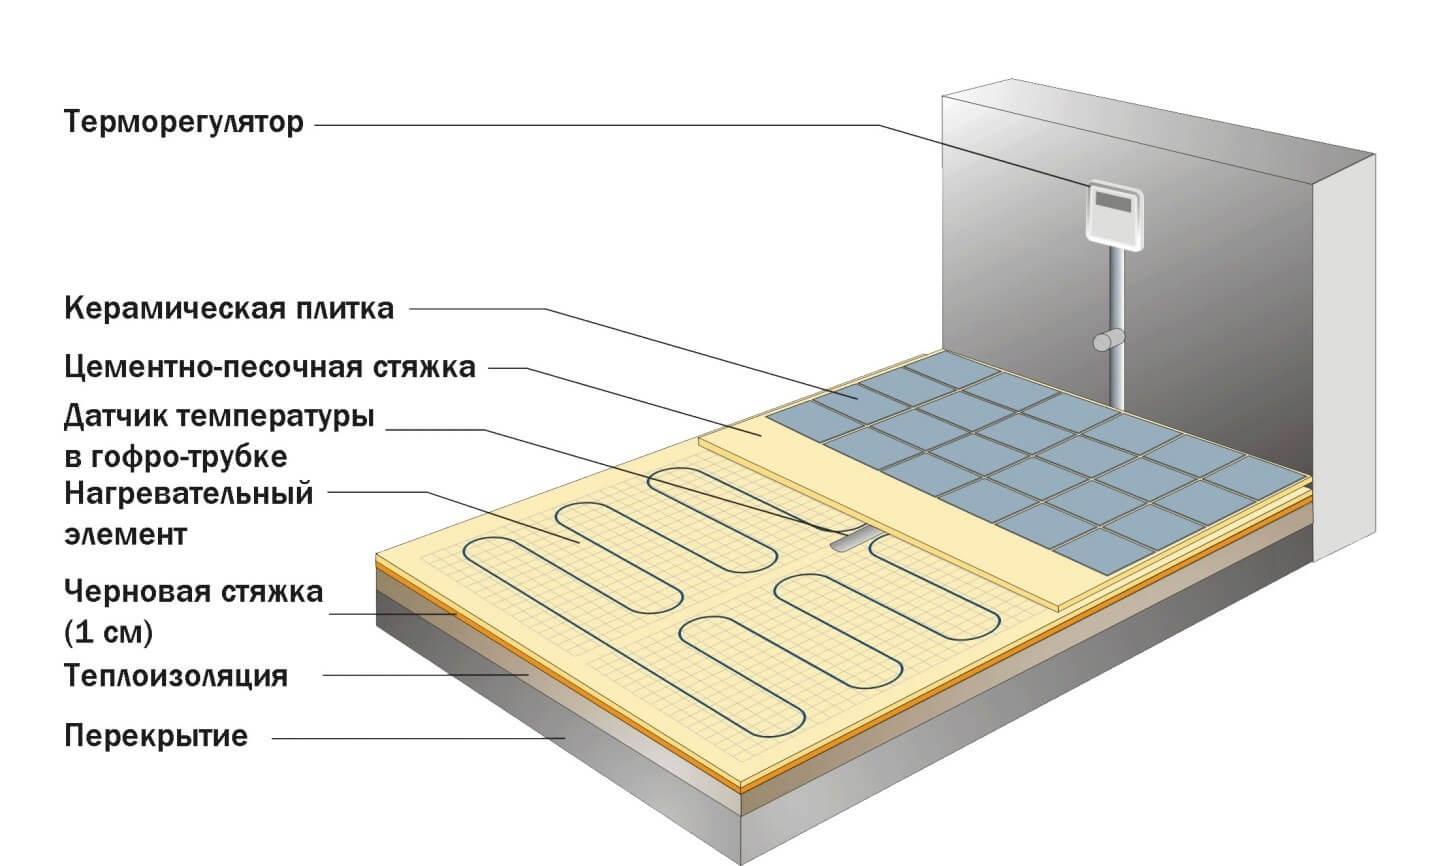 Схема для установки термодатчика